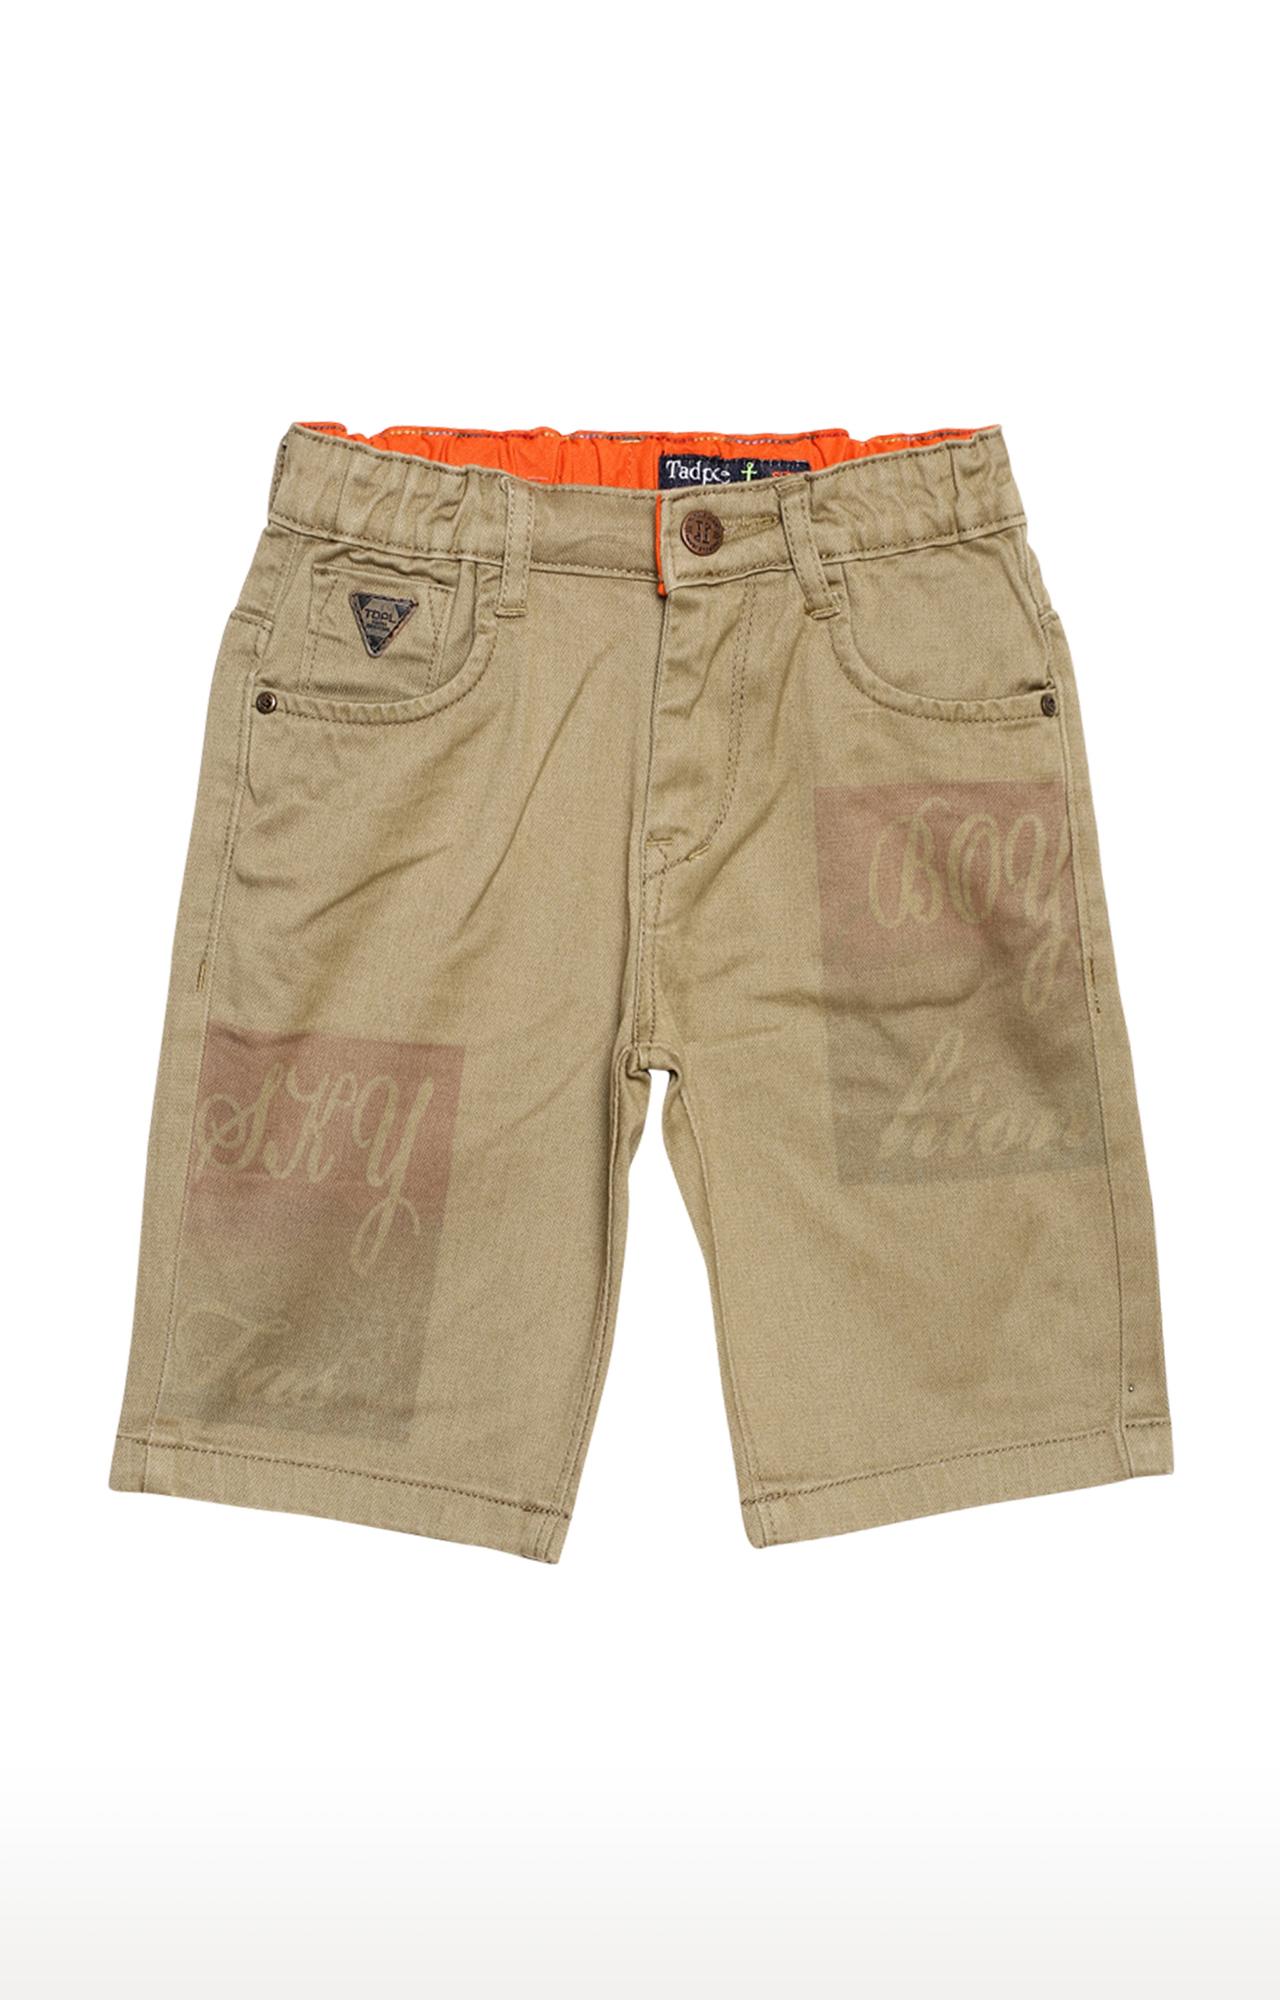 Tadpole | Khaki Printed Casual Shorts